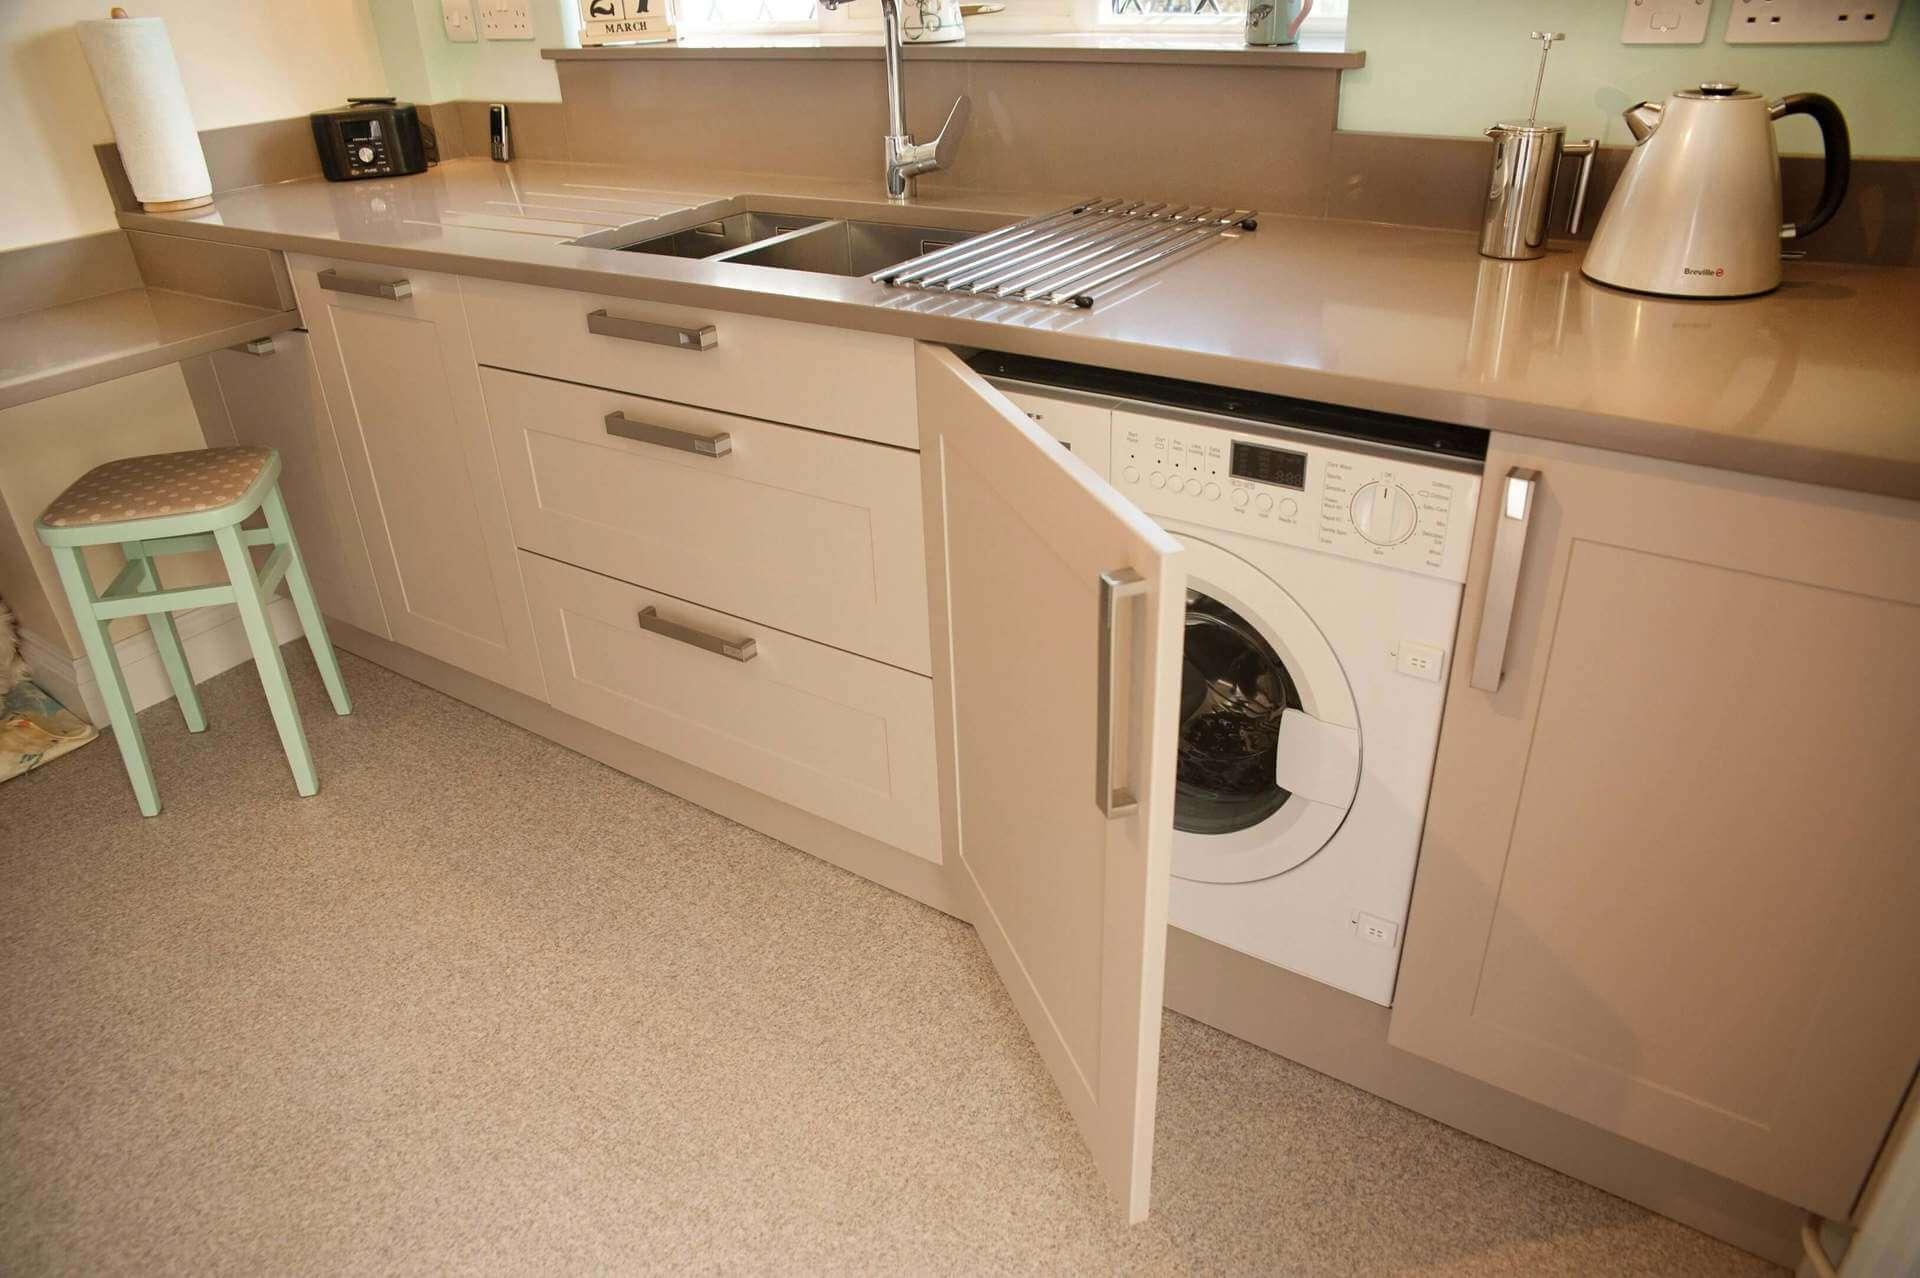 куда поставить стиральную машину на кухне